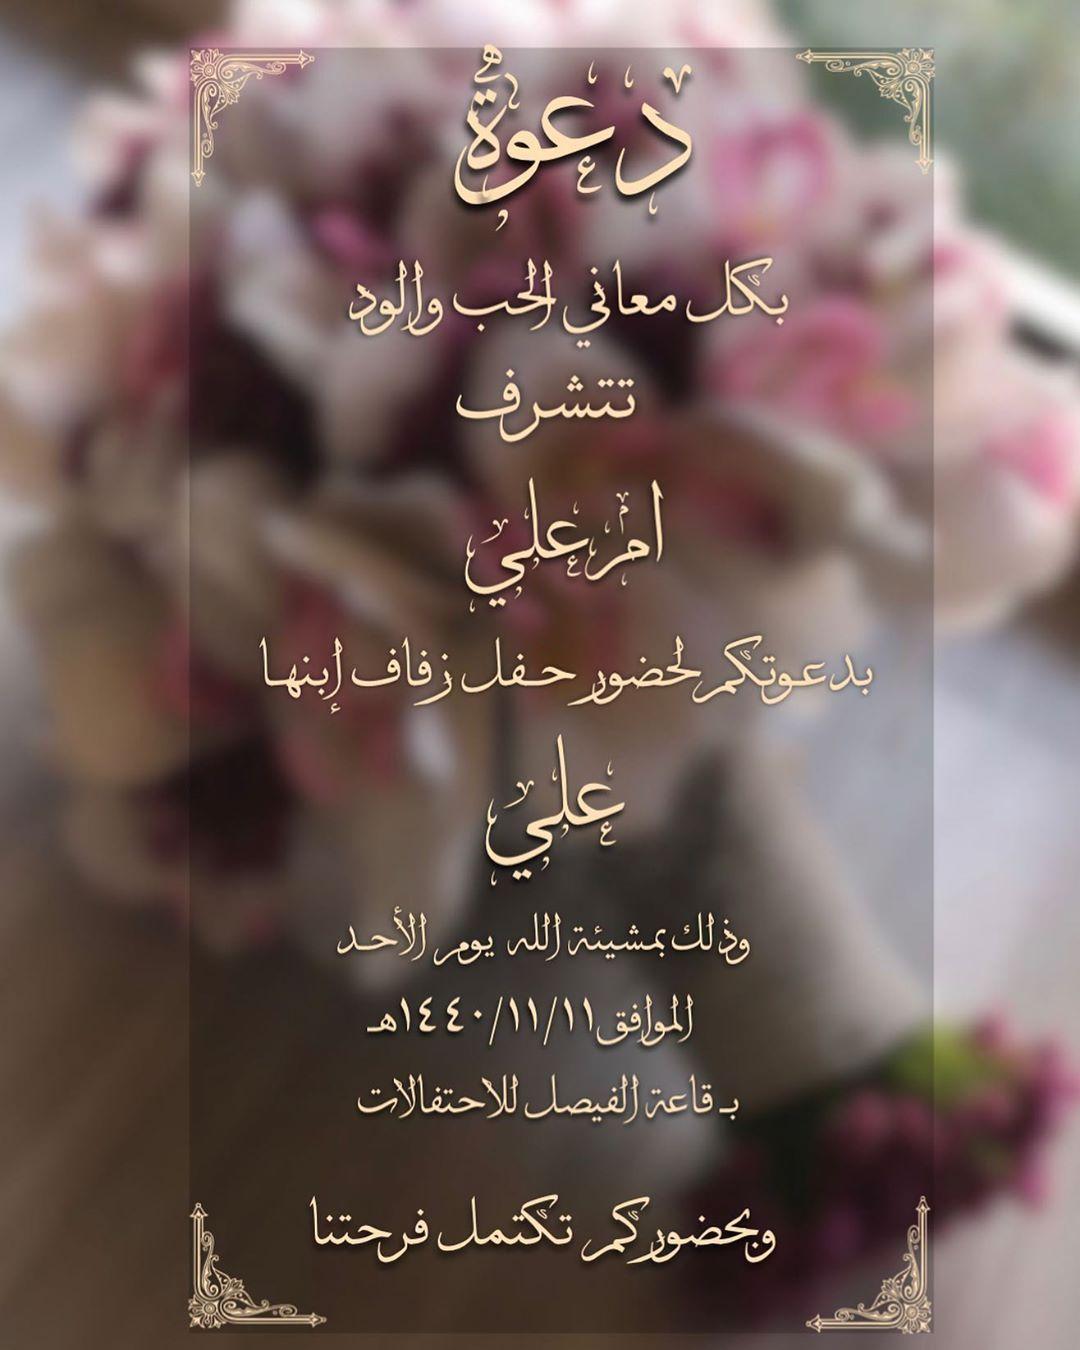 فلاتر ودعوات الكترونيه On Instagram دعوة زواج لطلب واتس0541956477 دعوات الكترون Acrylic Wedding Invitations Wedding Invitations Invitations